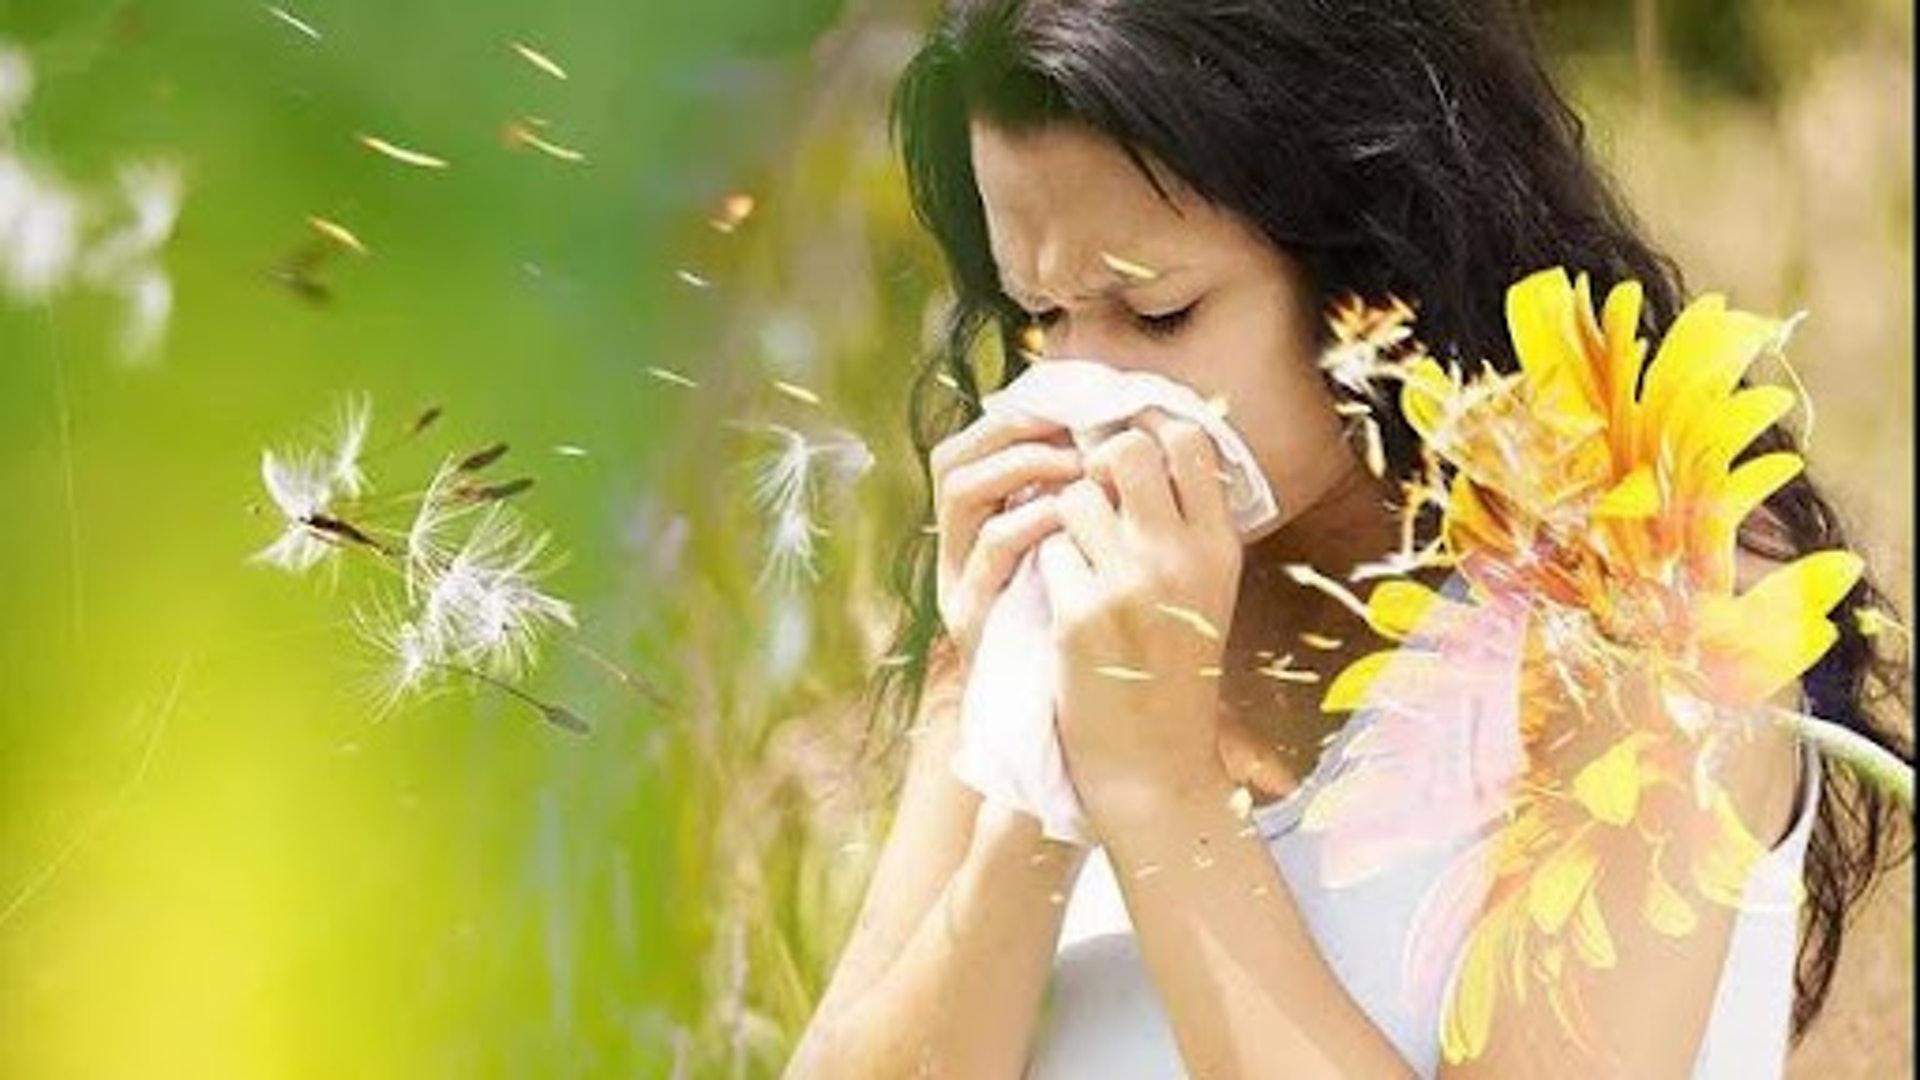 蜜瓜中的蛋白質結構與花粉中的蛋白質結構非常相似,患有花粉過敏人士進食蜜瓜後,會錯誤觸發過敏反應。(圖片:chineseineurope)